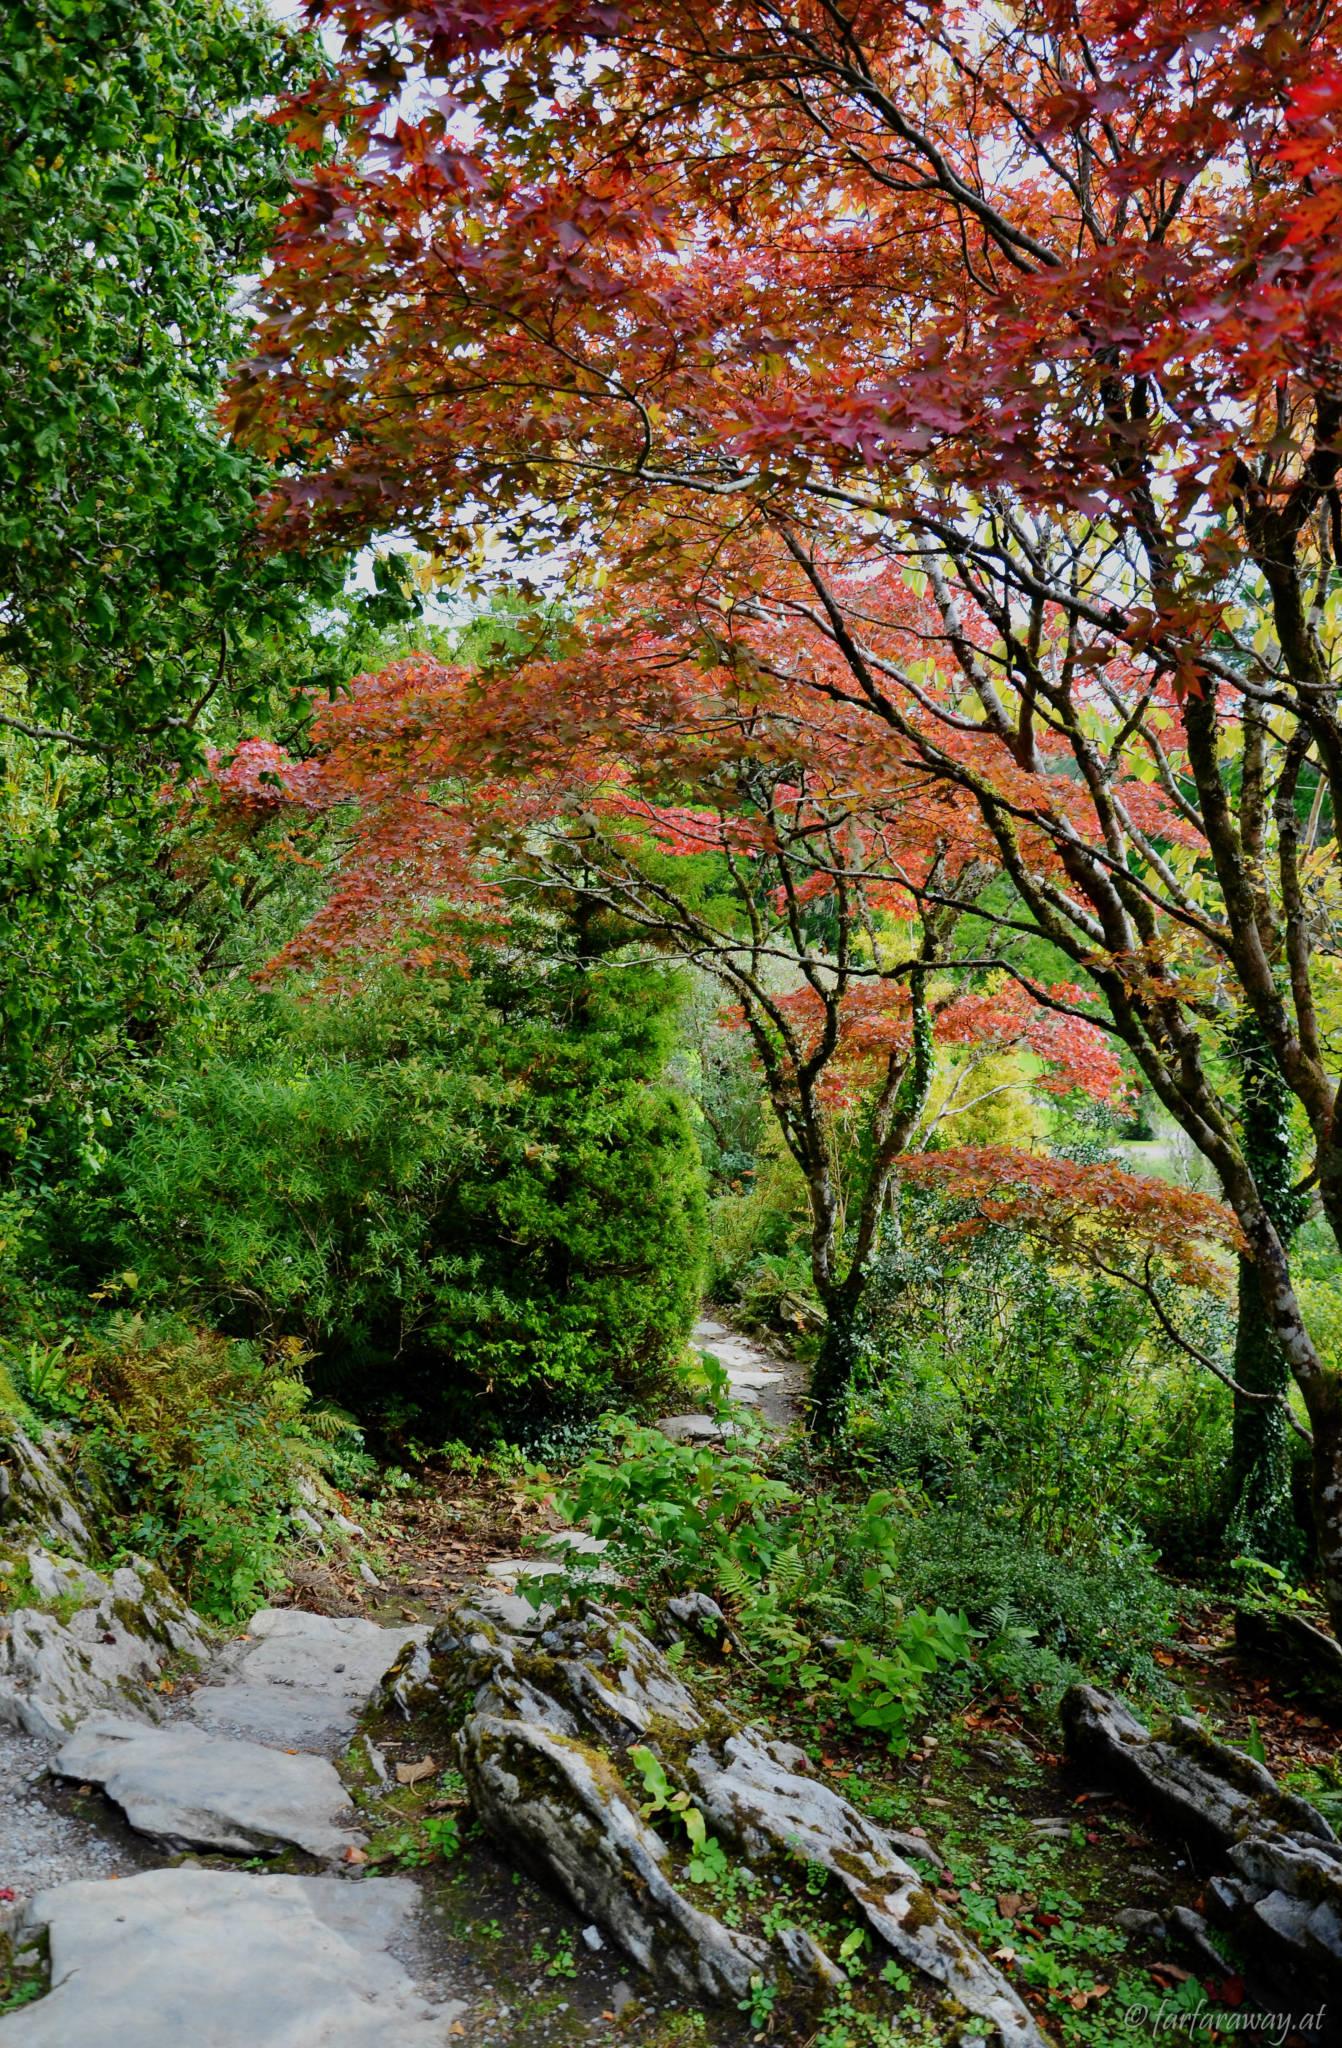 Stonegarden in Muckross House Gardens